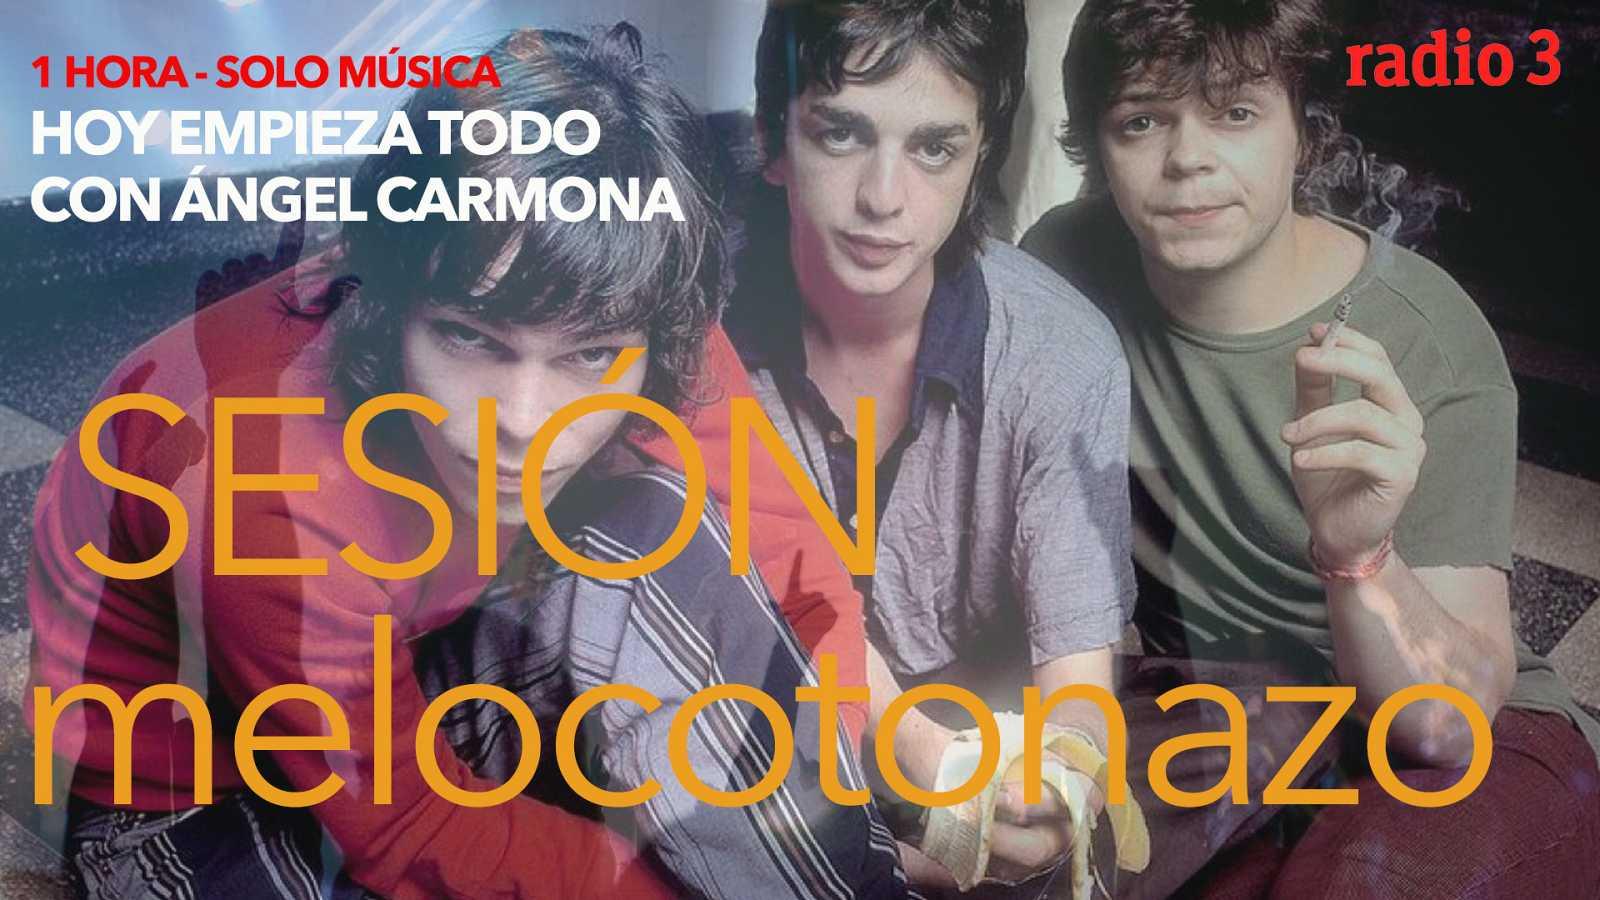 Hoy empieza todo con Ángel Carmona - #SesiónMelocotonazo: Elliott Smith, Supergrass, The Doors... - 21/10/20 - escuchar ahora